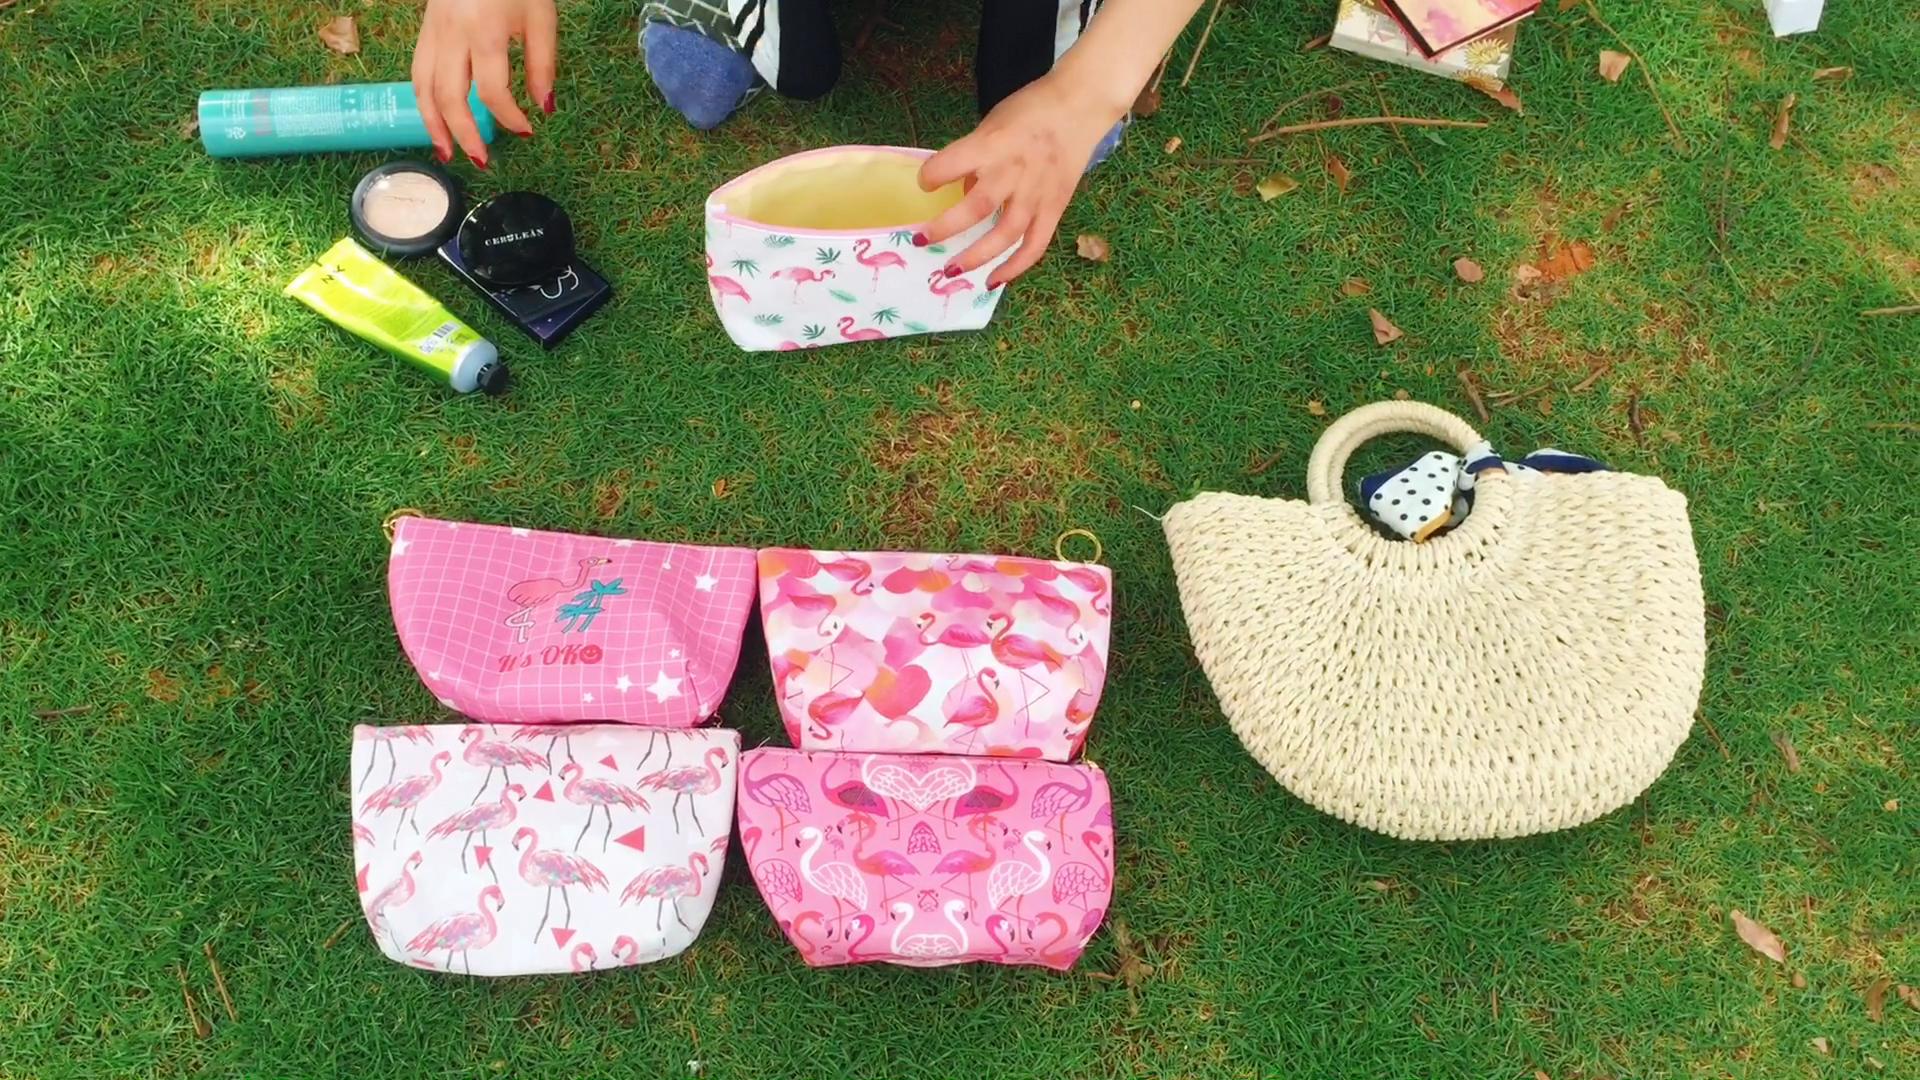 Sacos cosméticos Caixa de Maquiagem À Prova D' Água Bonito Impressão Flamingo Cor de Rosa Fêmea Mulheres Bolsa Compo o Saco Bolsa de Higiene Pessoal